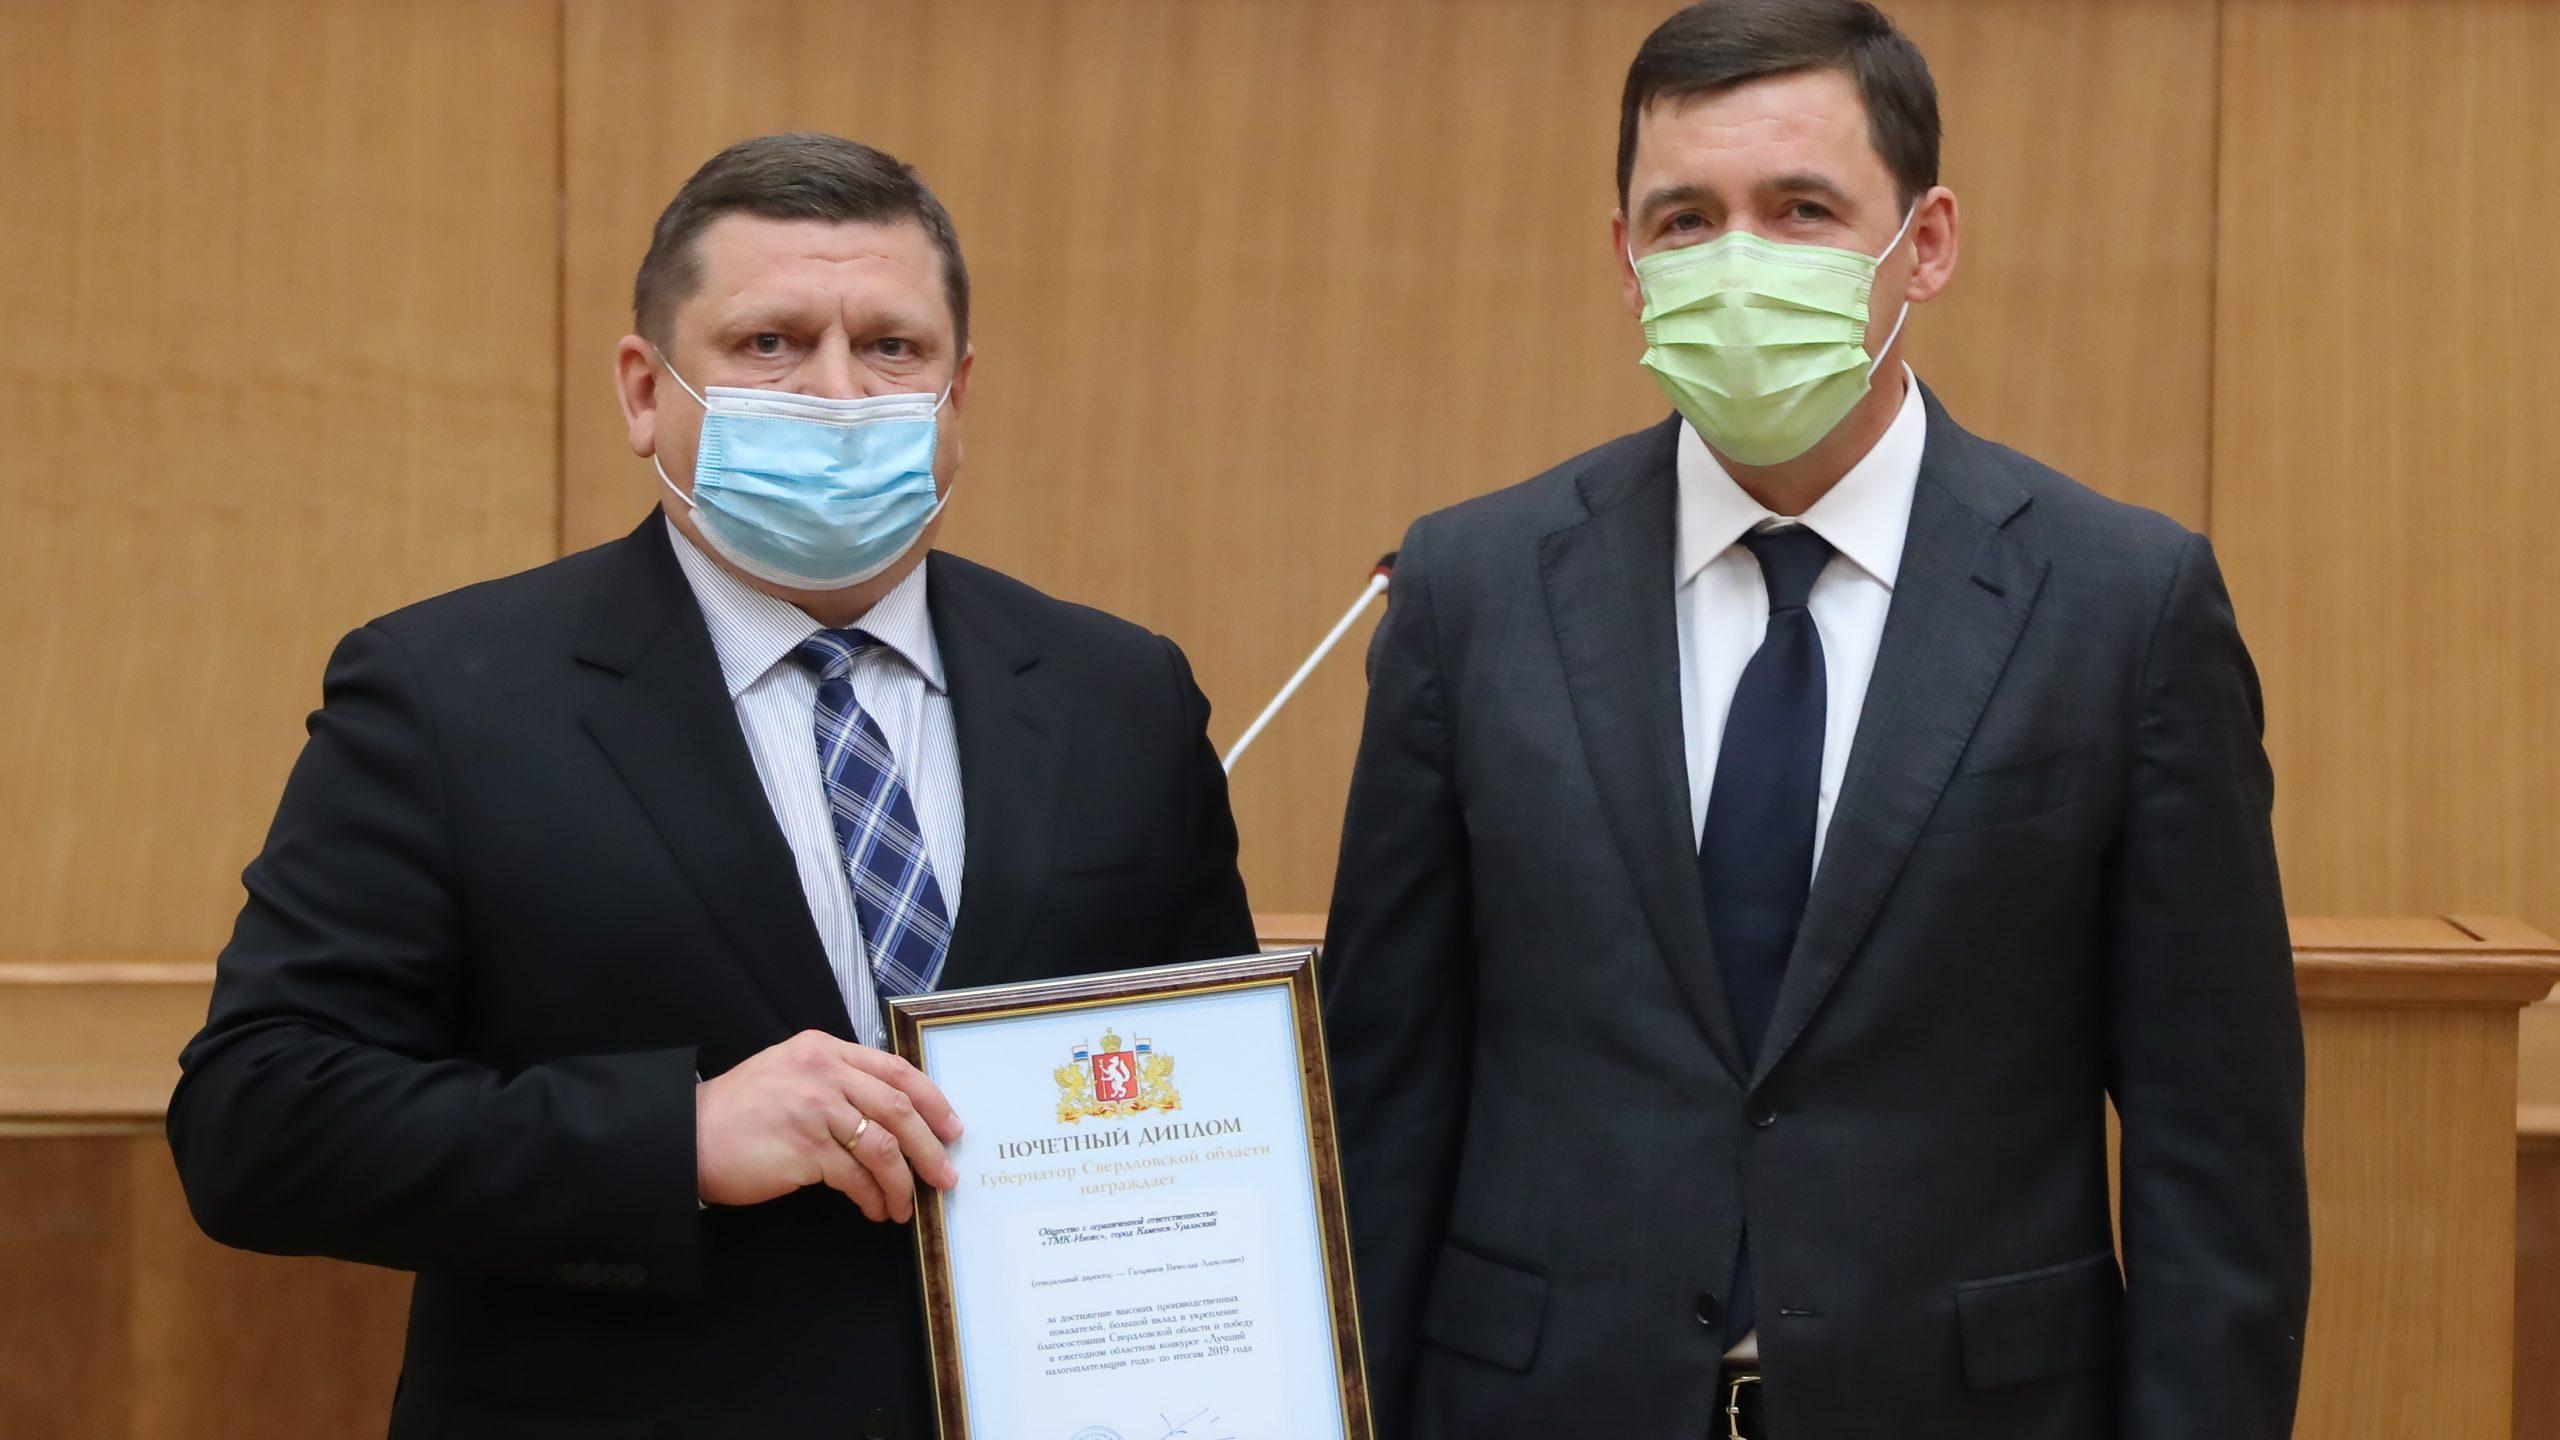 ТМК-ИНОКС стал лауреатом регионального конкурса Лучший налогоплательщик года